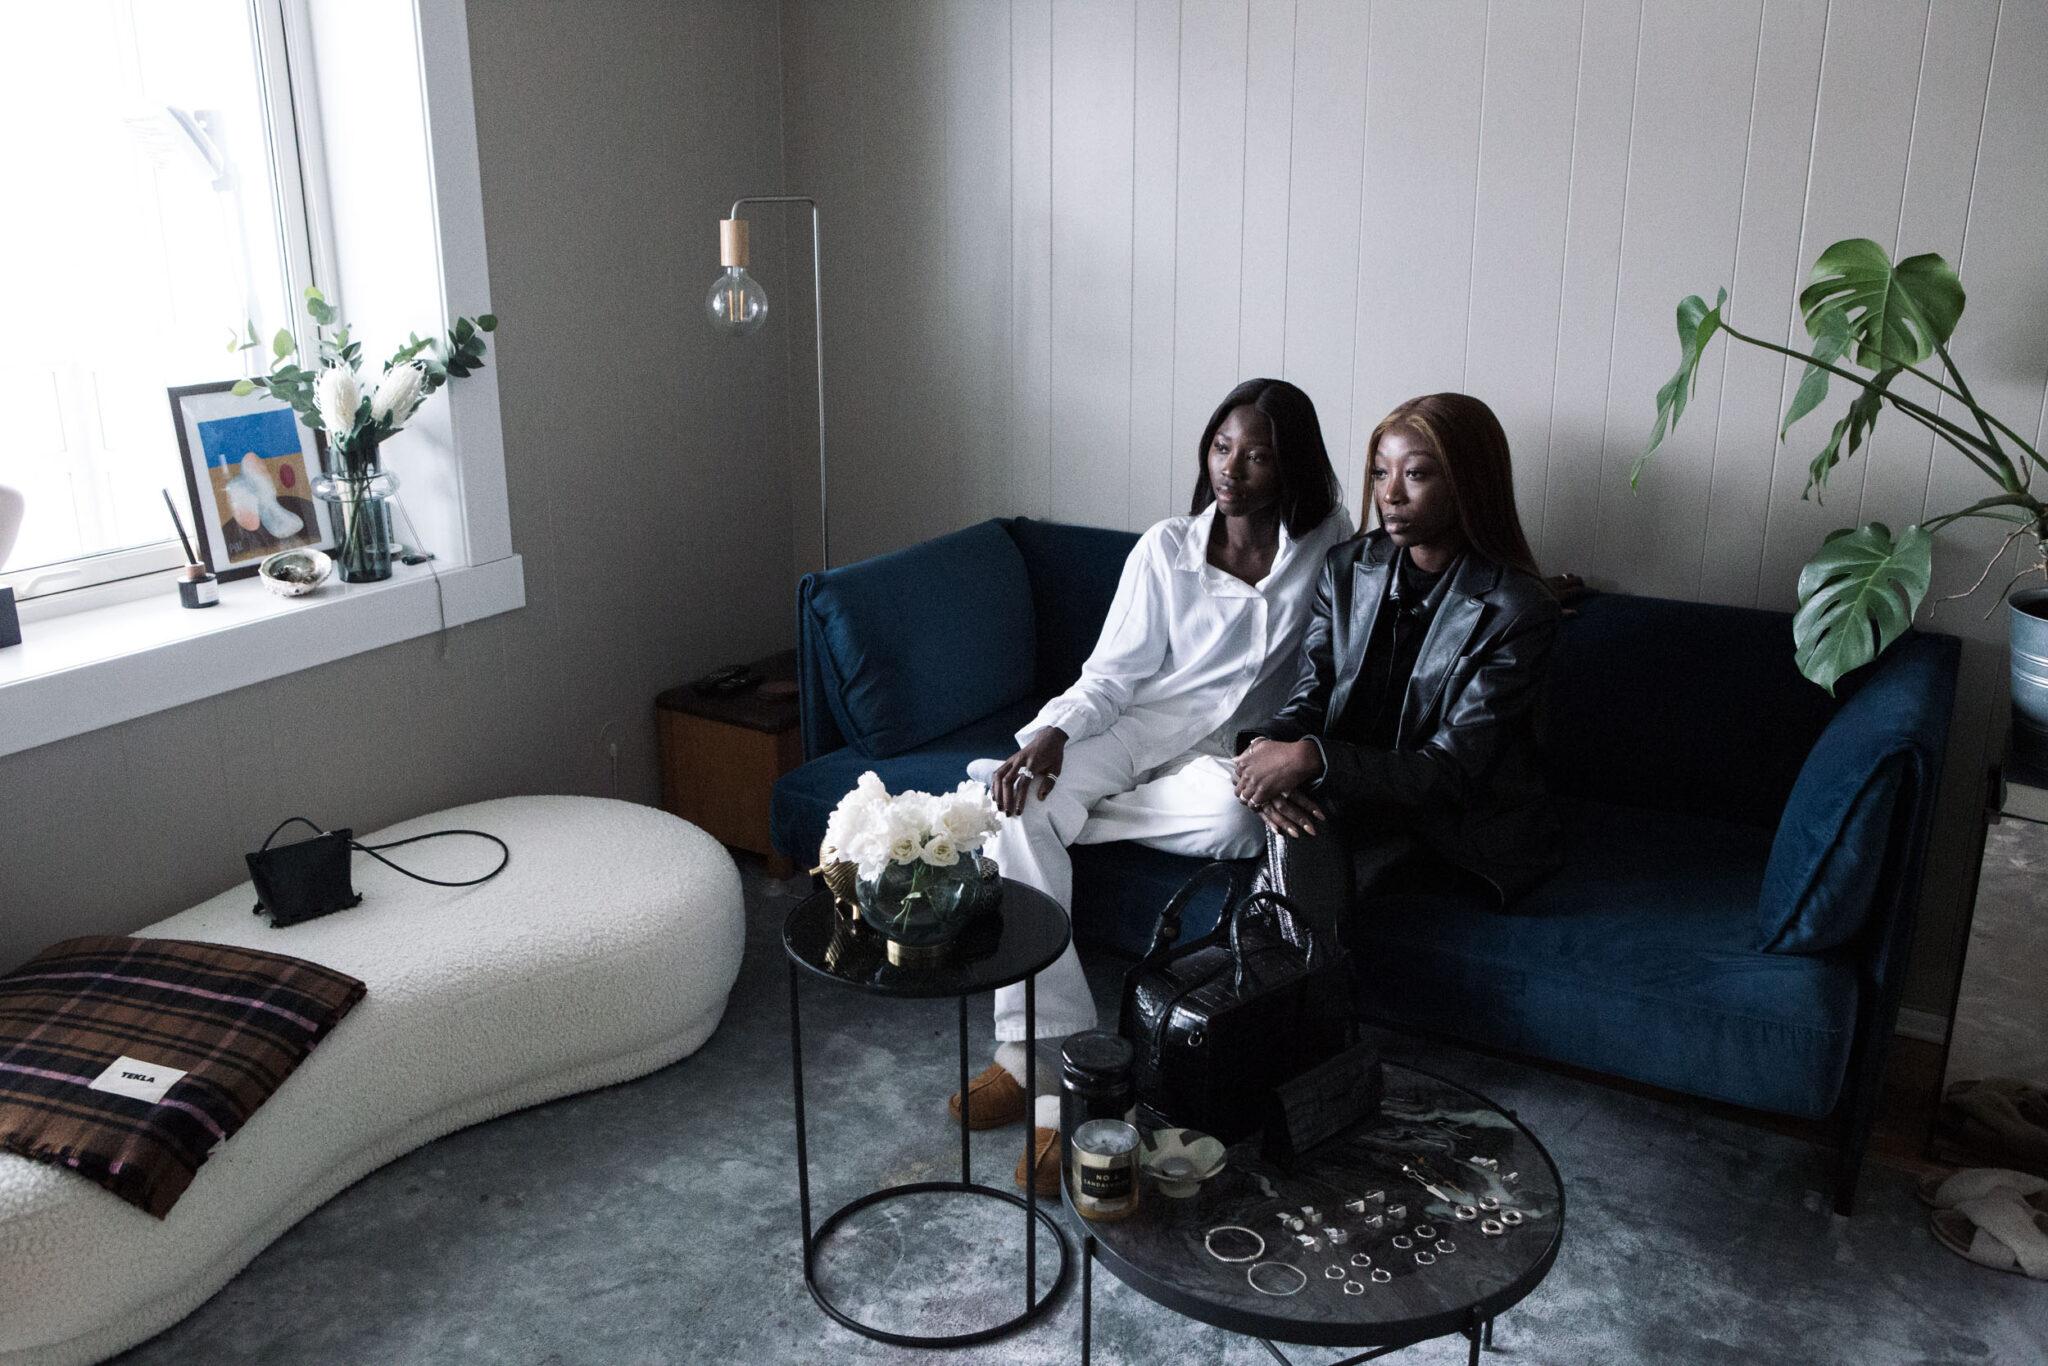 Haddy og Aissatou Ceesay står bak det norske smykkemerket Diawéne